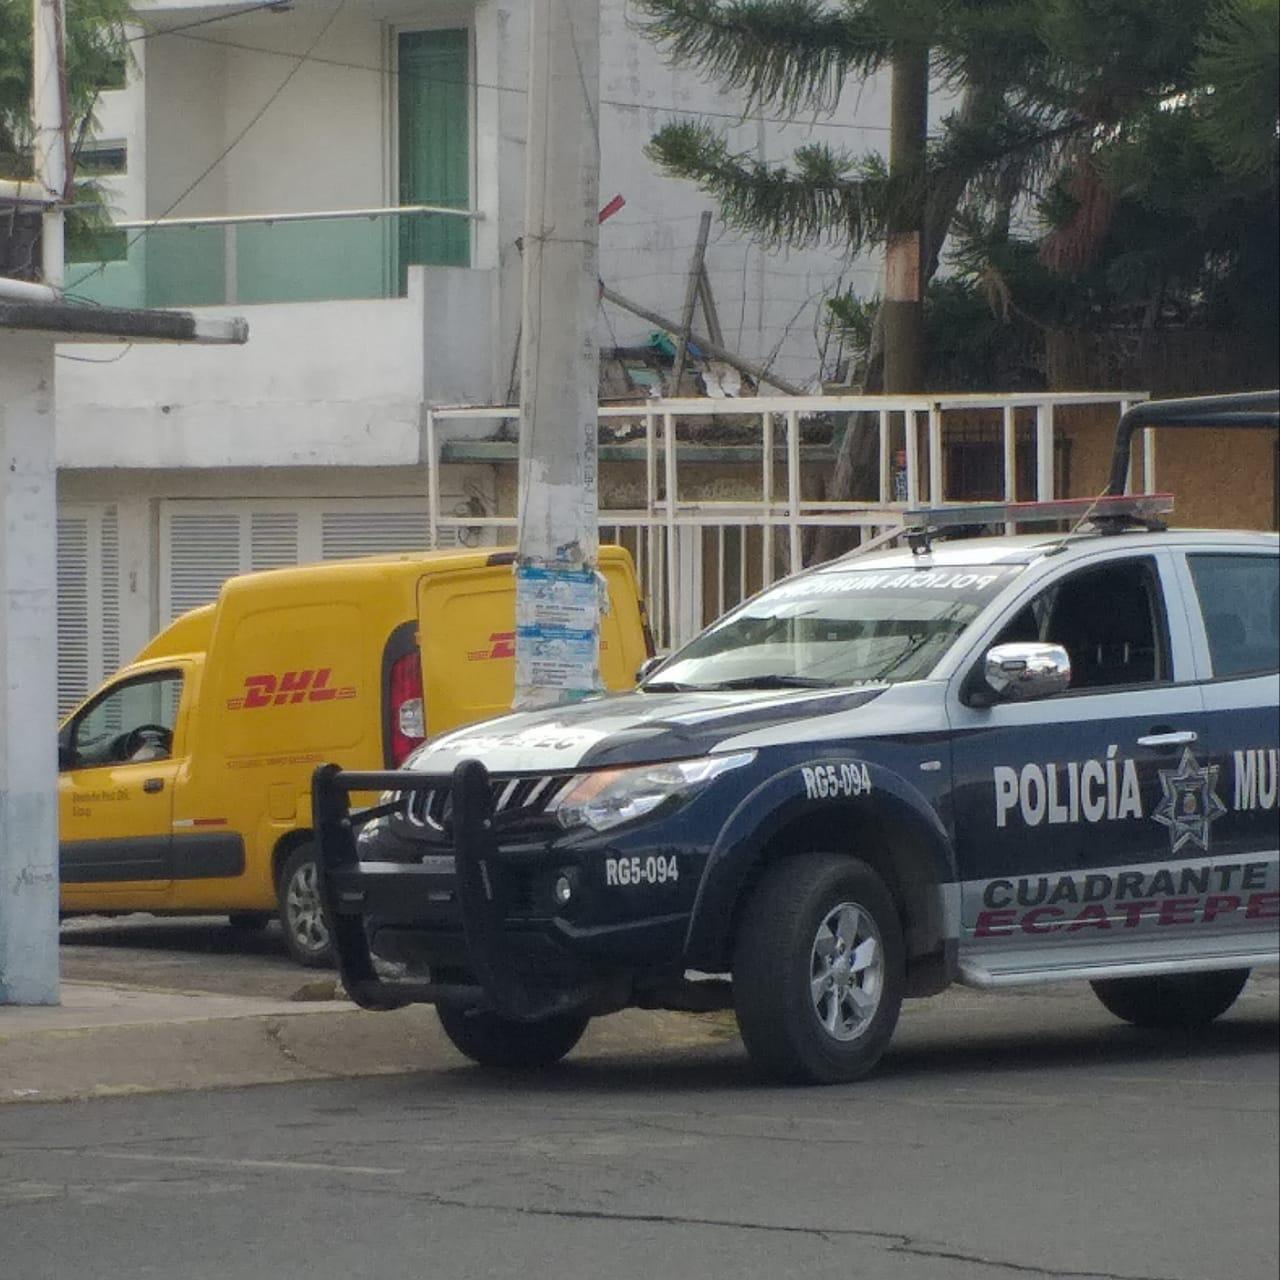 Policías de Ecatepec frustran robo de camioneta de DHL y rescatan al conductor